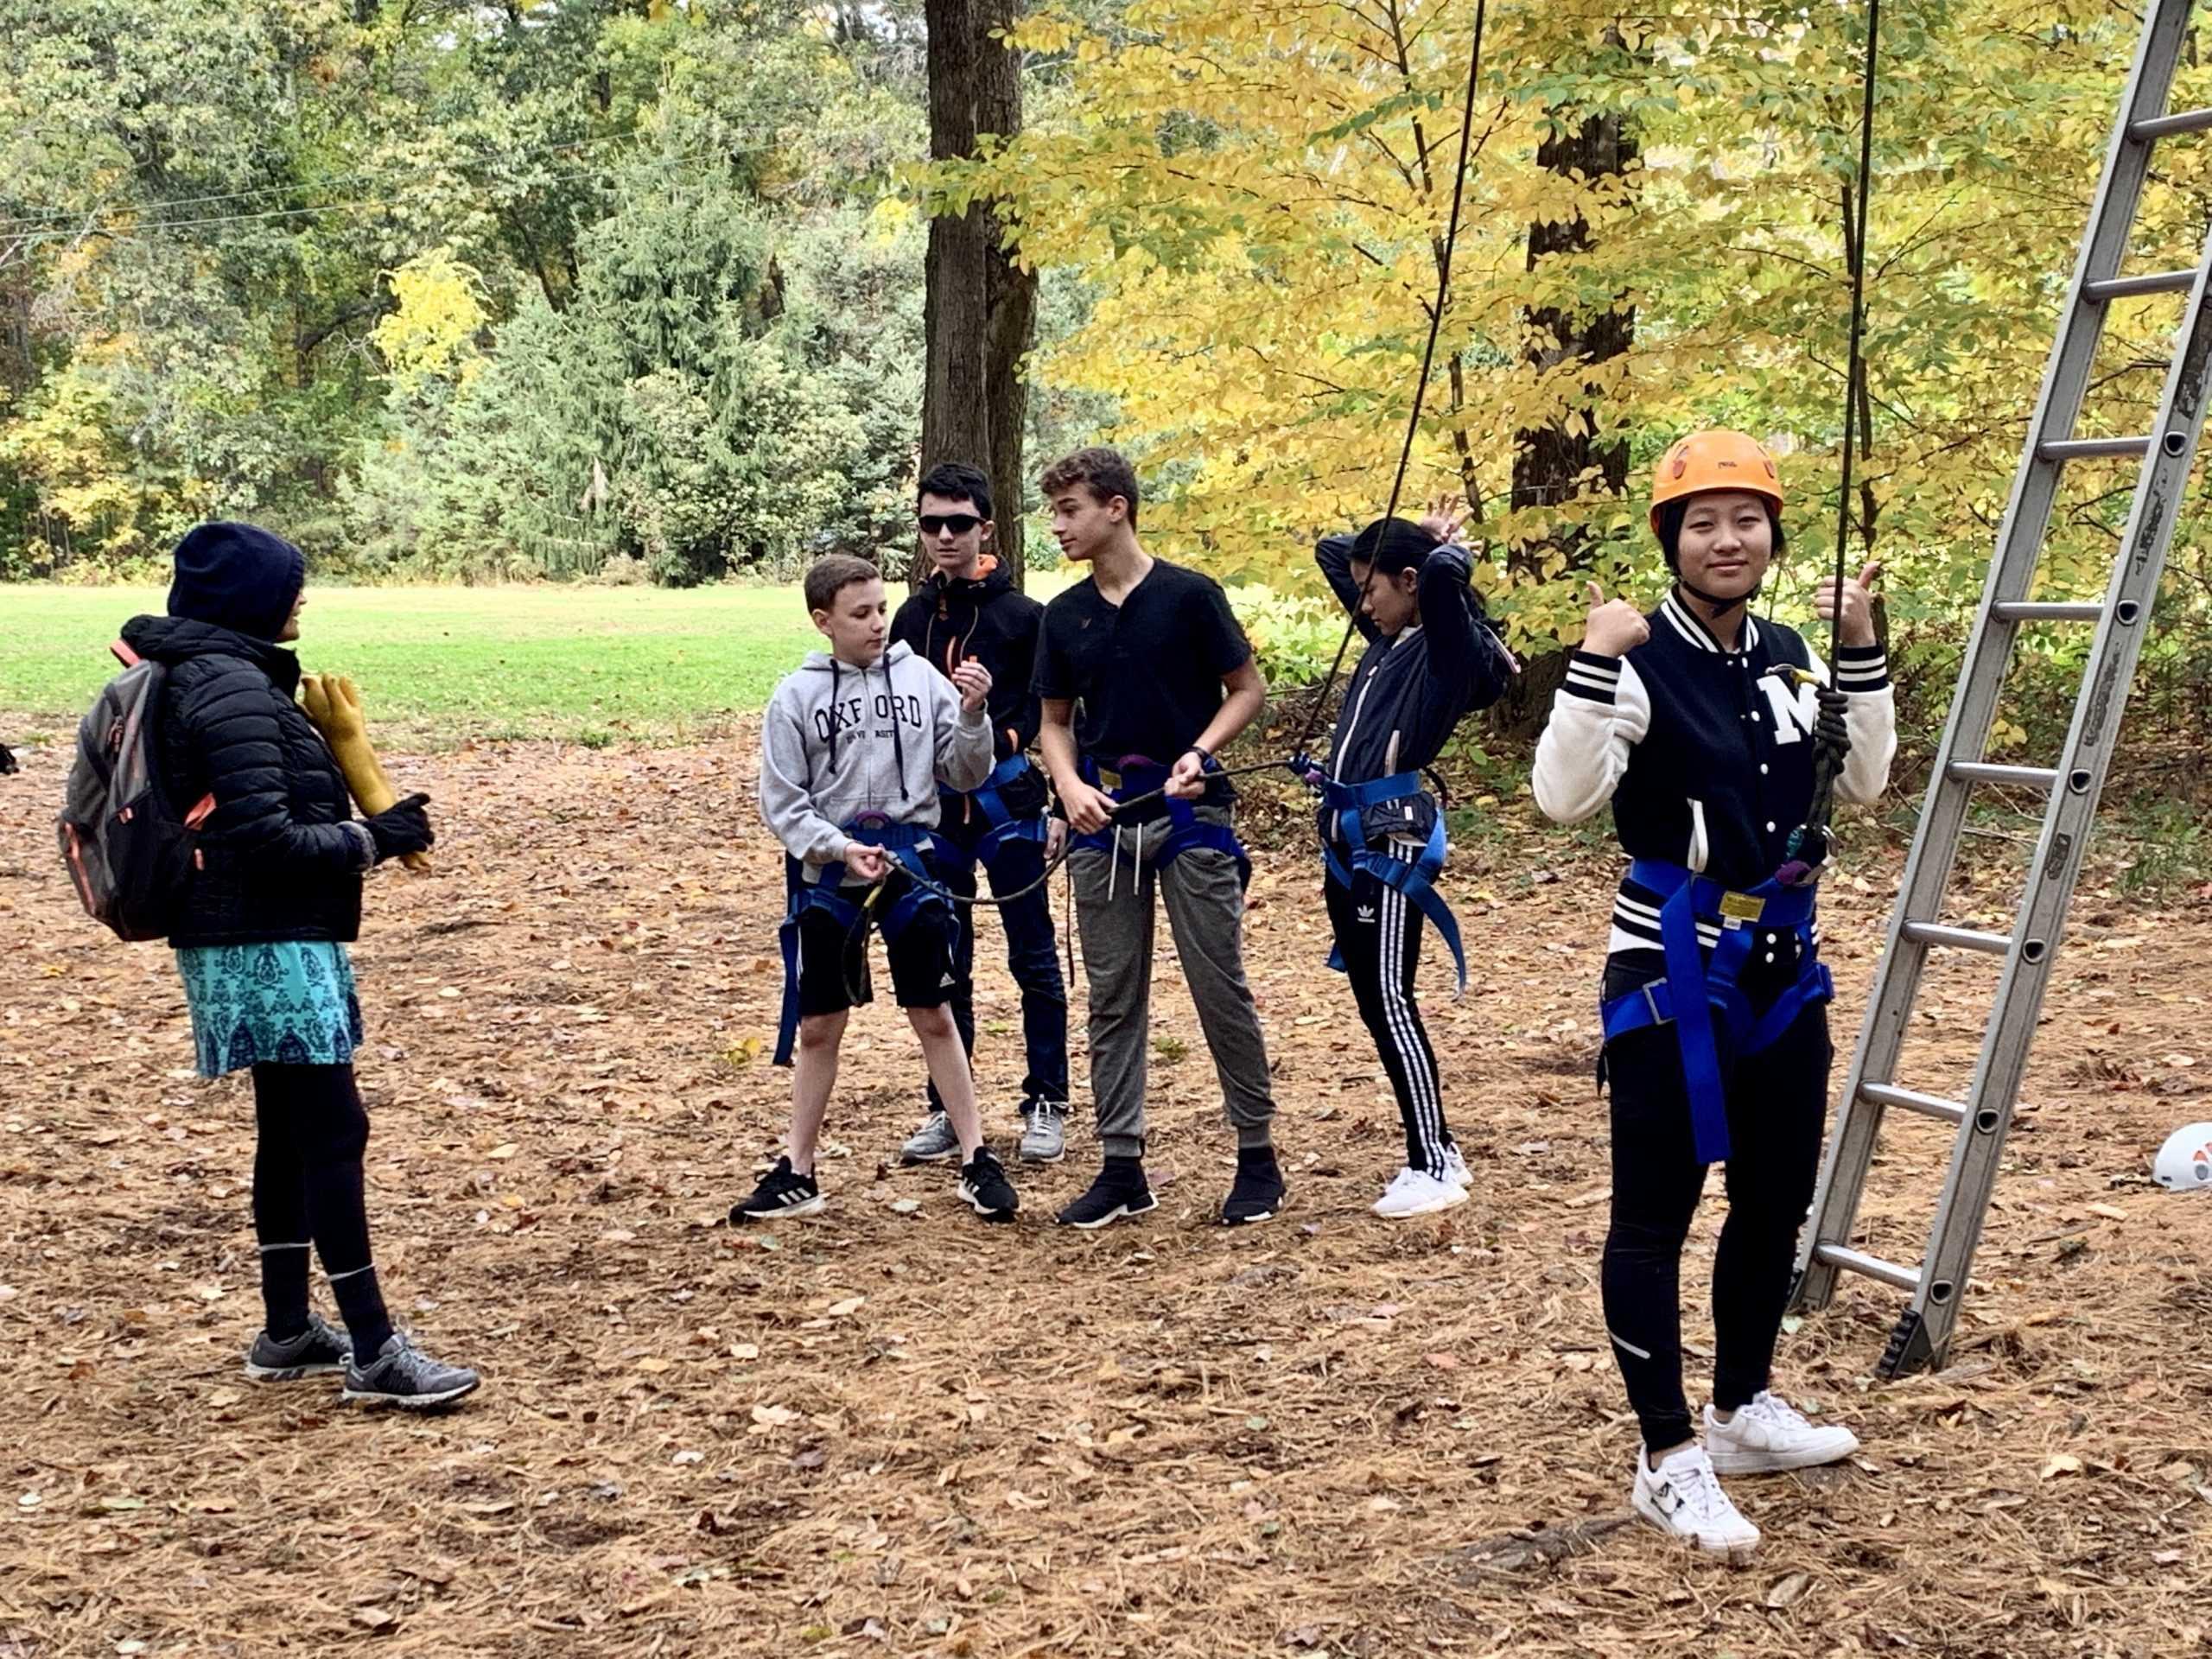 Students+bond+over+team+activities.+